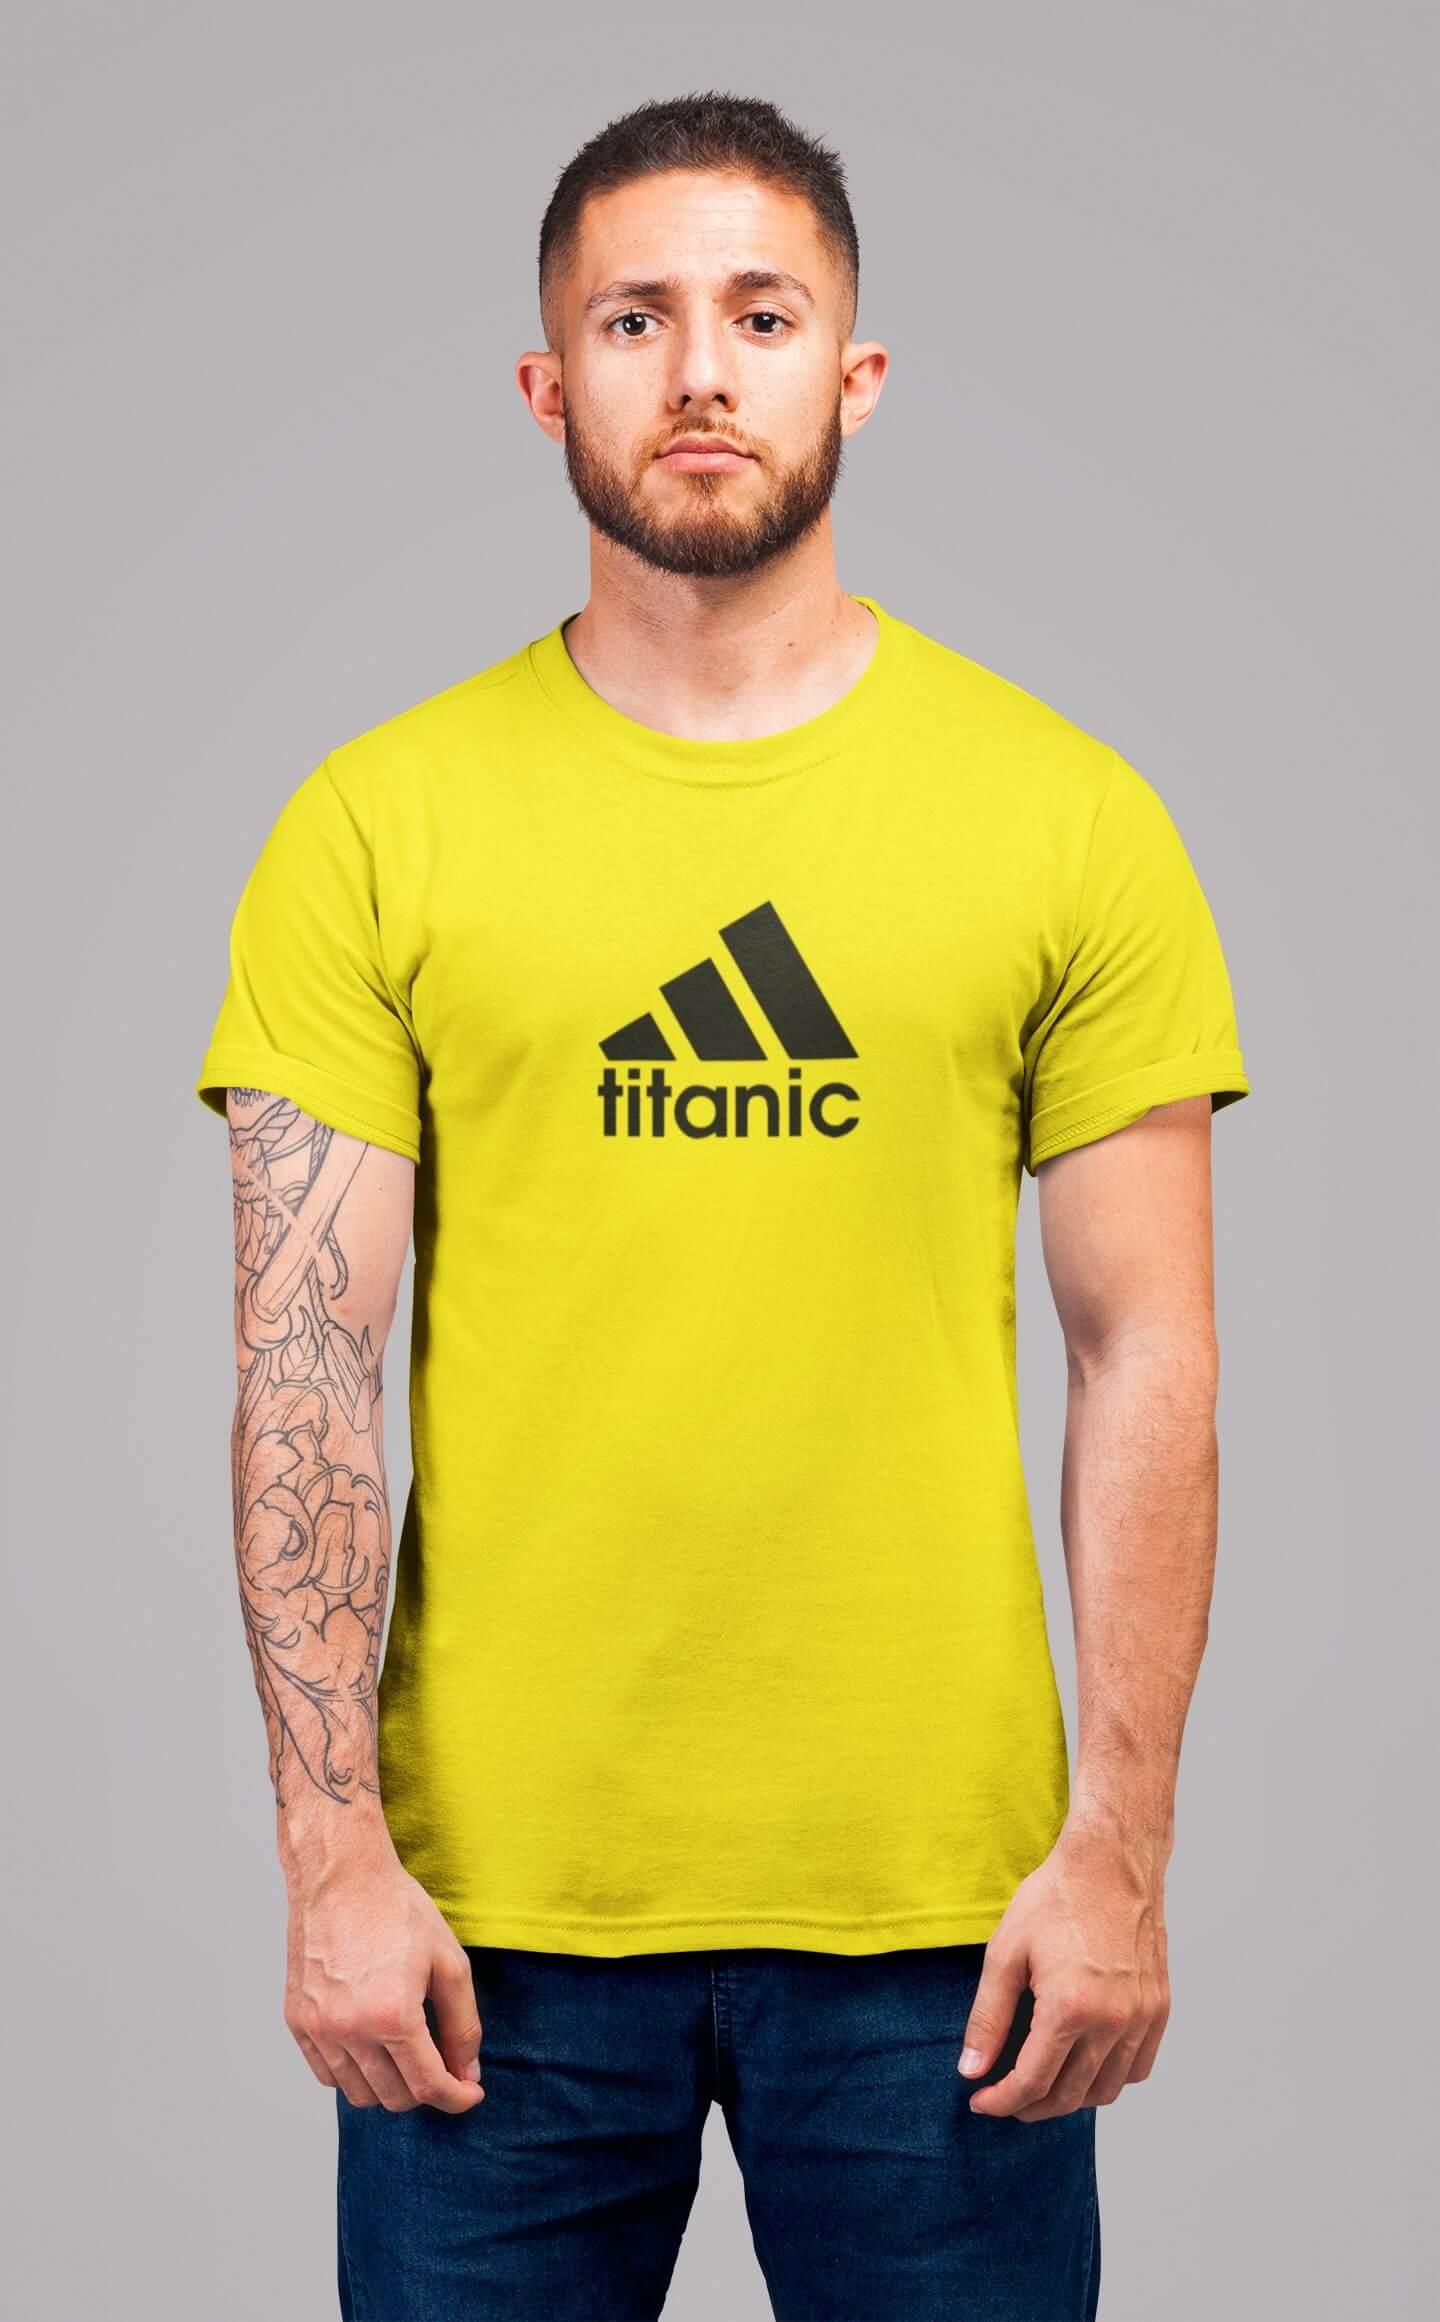 MMO Pánske tričko Titanic Vyberte farbu: Citrónová, Vyberte veľkosť: XS